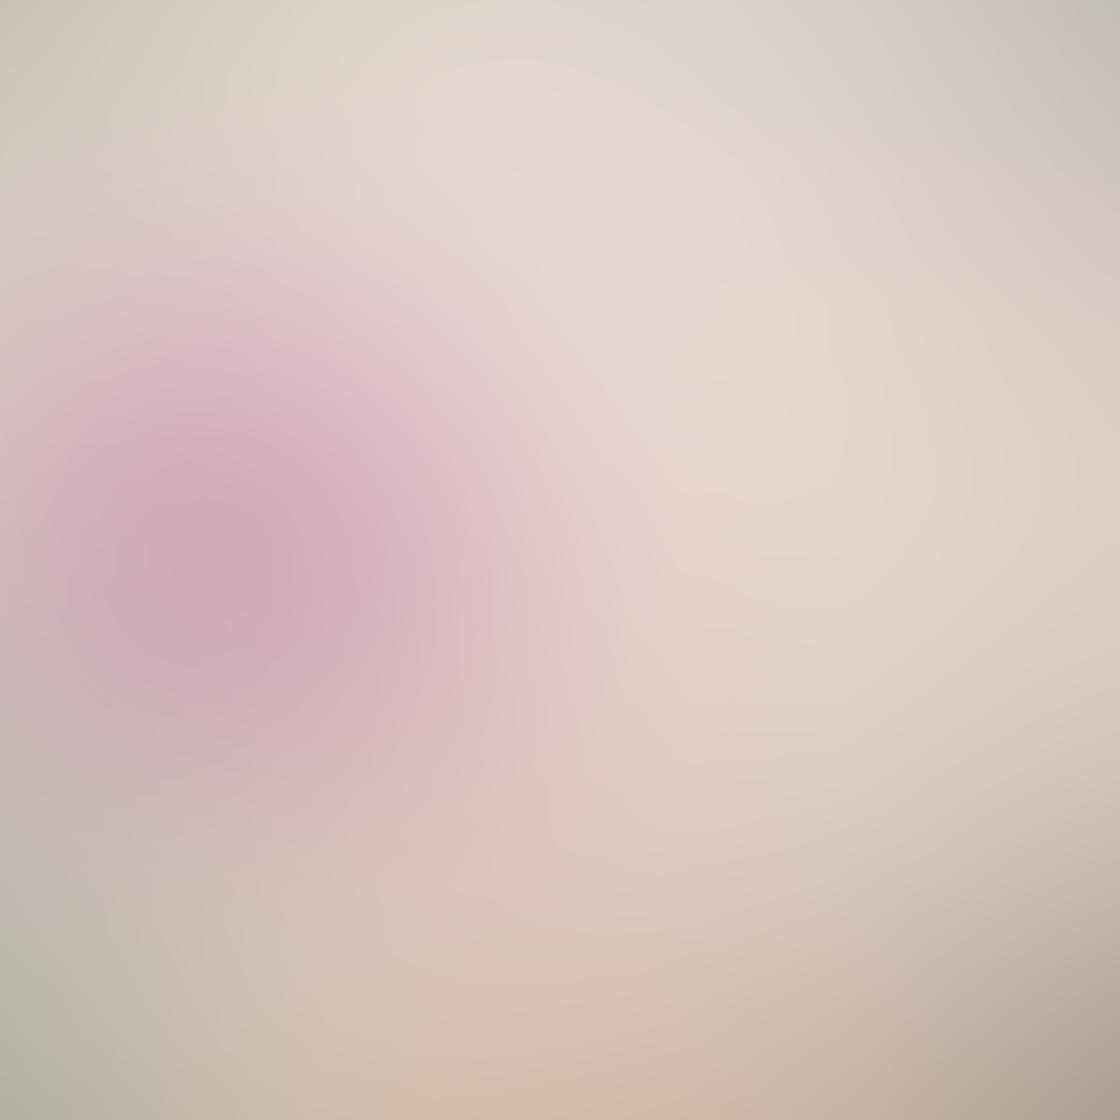 iPhone Photos Texture 47